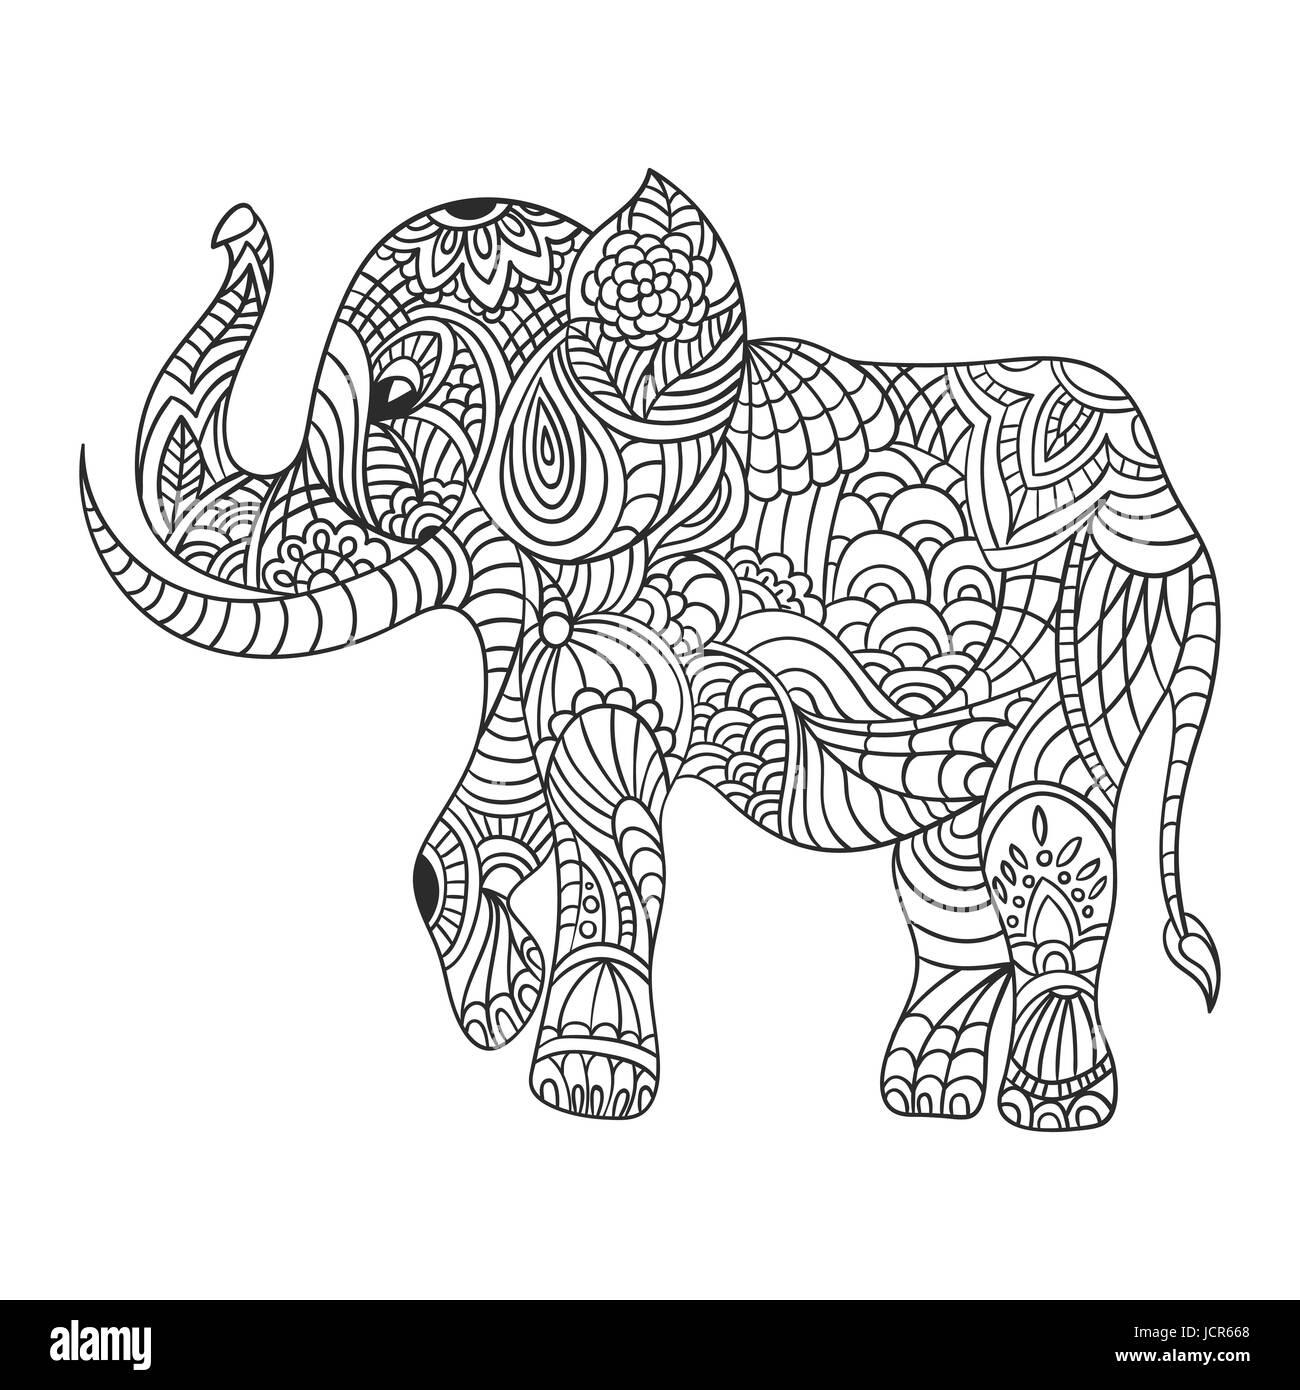 Coloriage Poisson Elephant.La Main Zentagle Monochrome Vector Illustration D Un Elephant